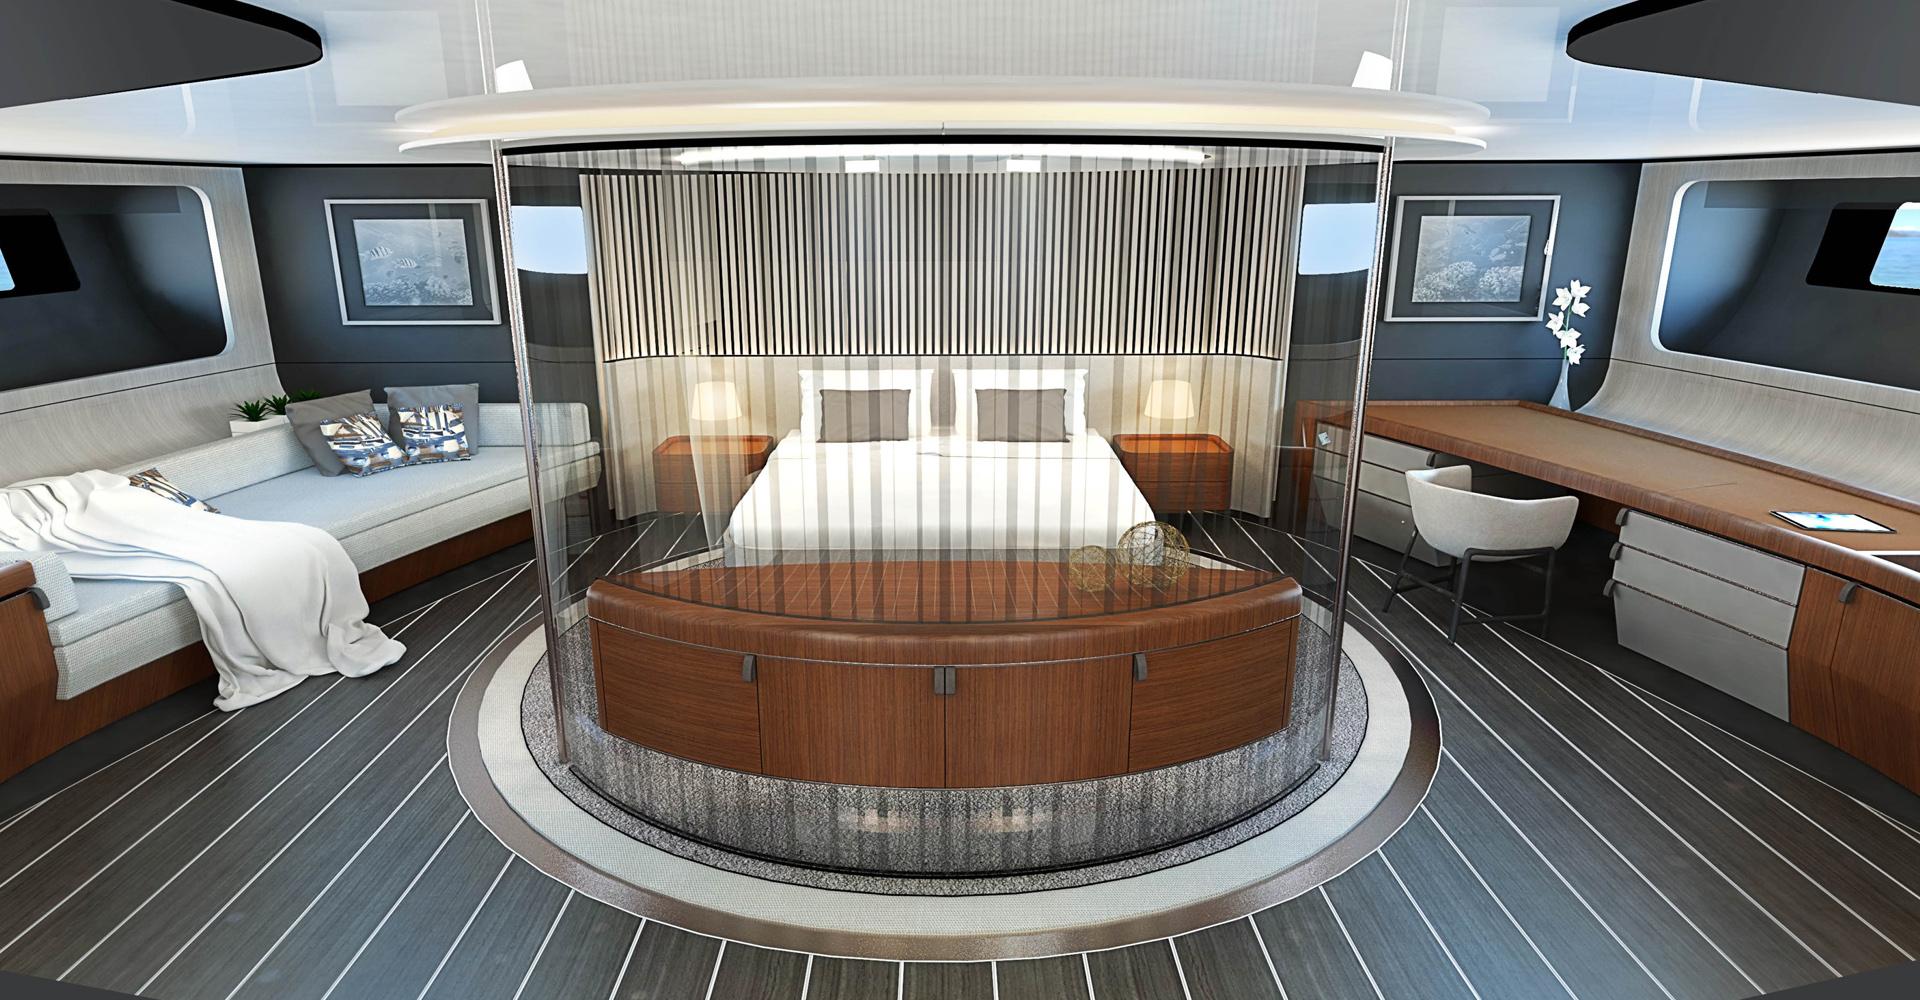 20 - 50m Sailing Yacht - 08